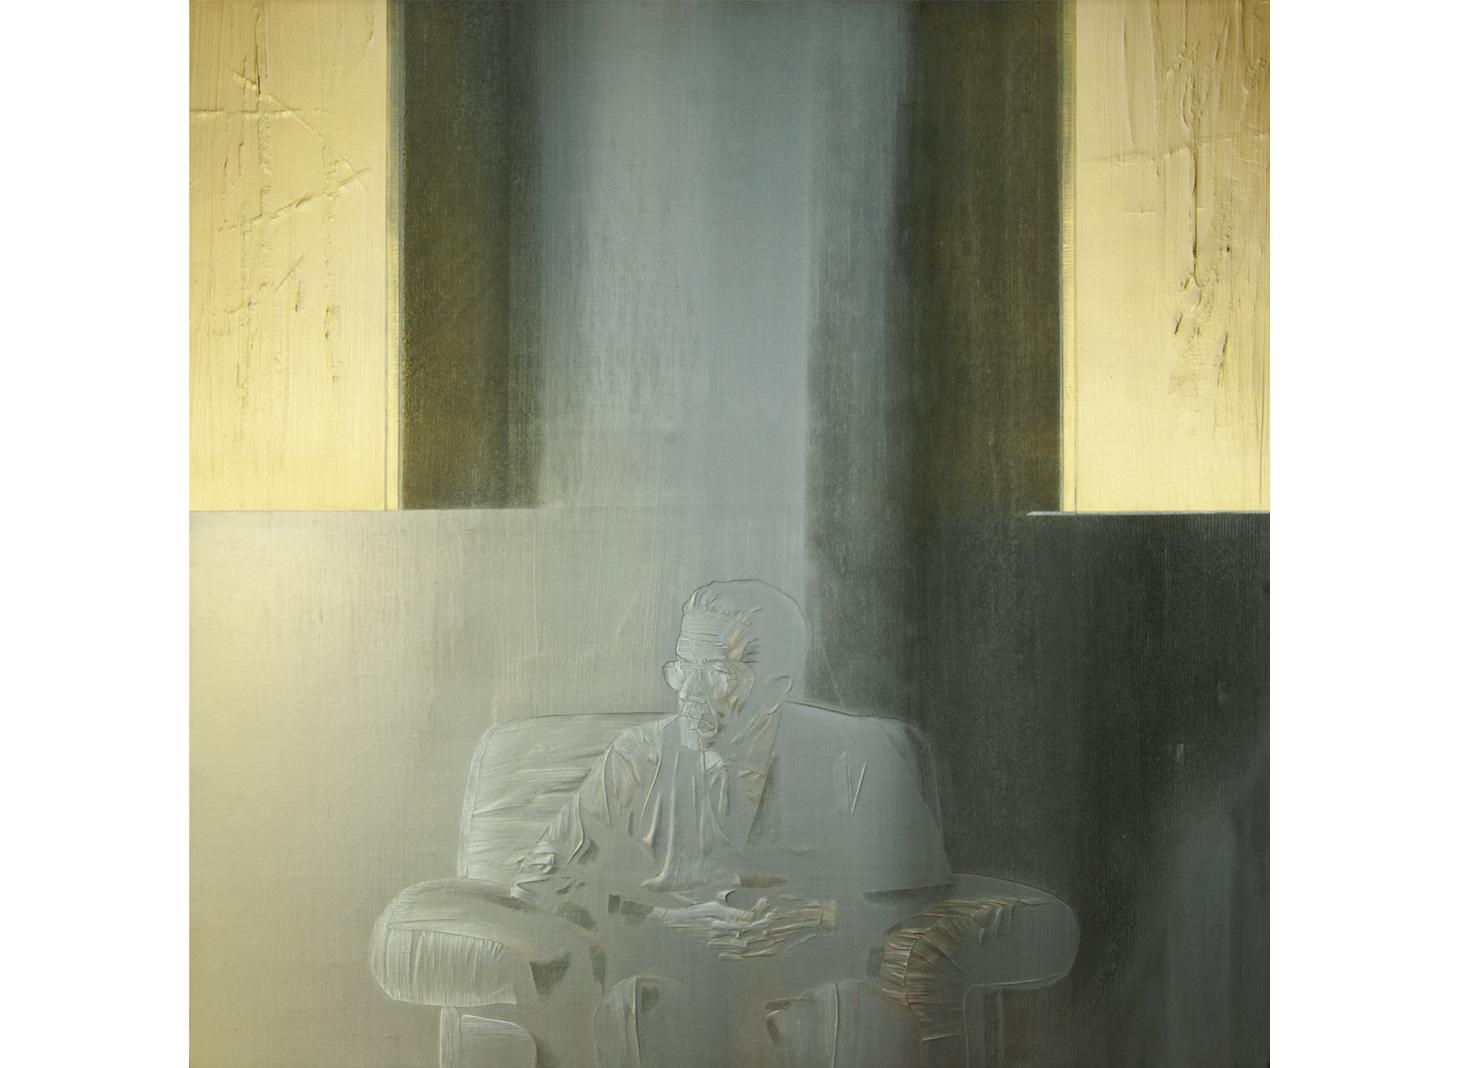 Mio padre 1997/98 - cm 125x125 - polvere di marmo, colori acrilici, sabbia su tela